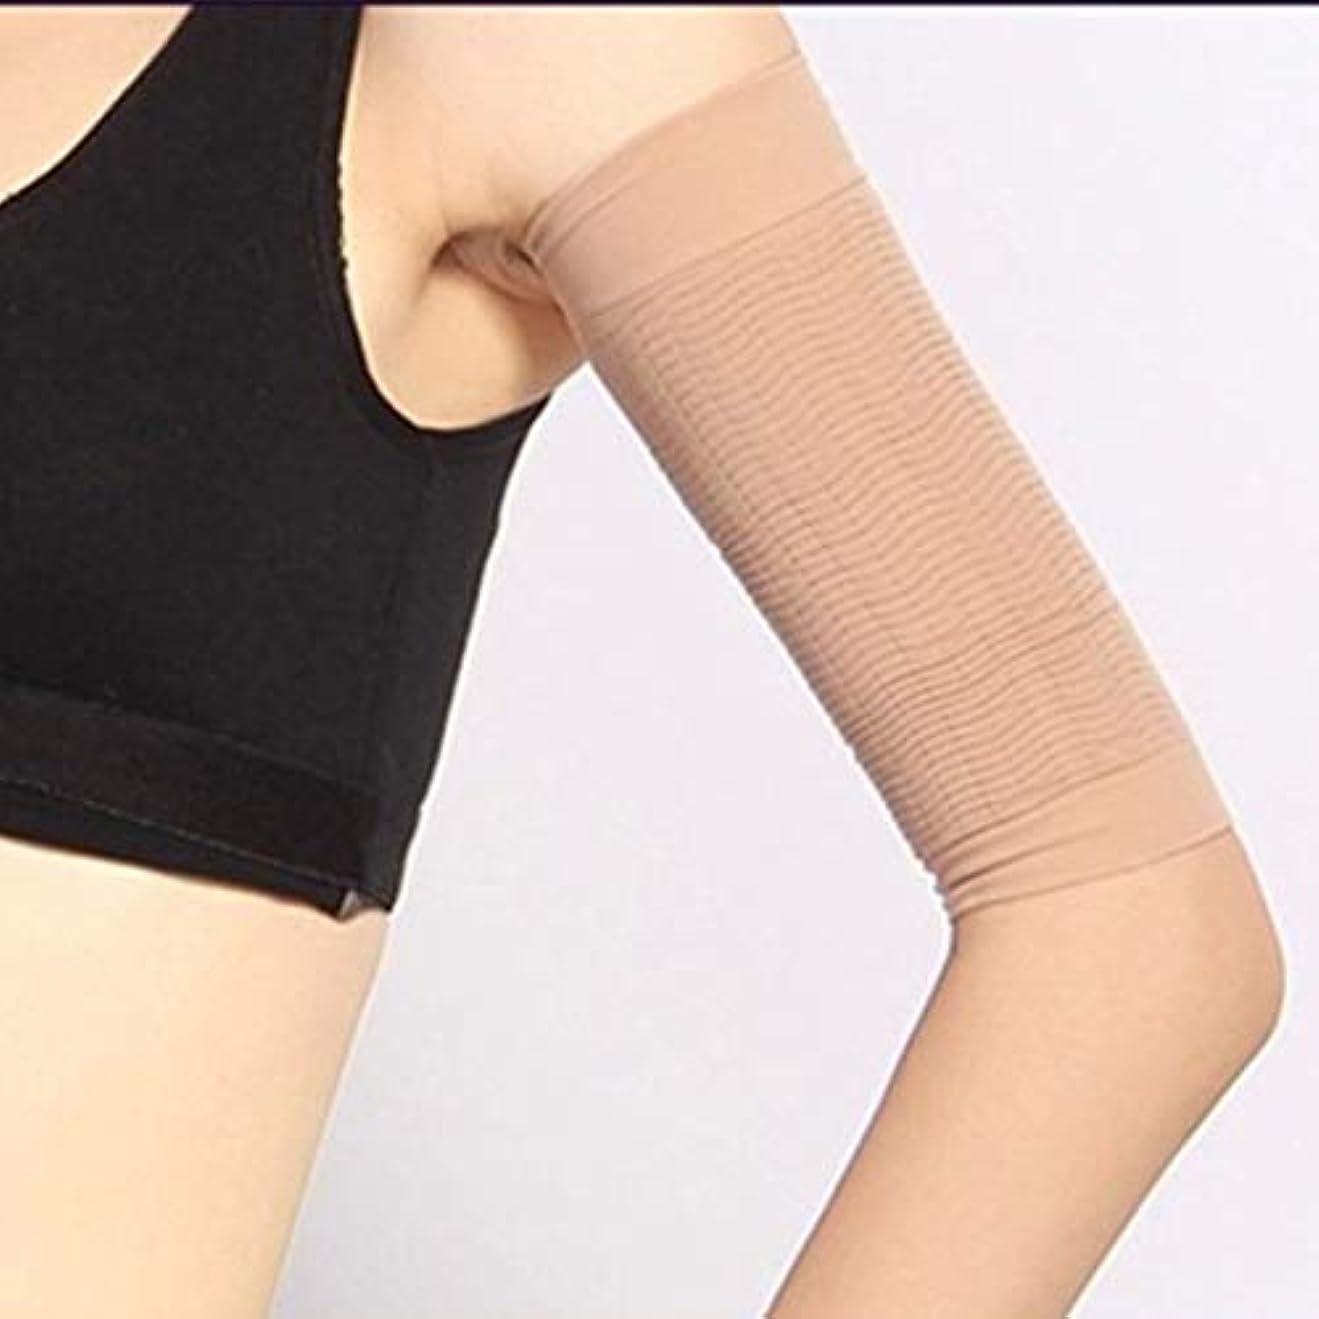 人口プランテーション定期的に1ペア420 D圧縮痩身アームスリーブワークアウトトーニングバーンセルライトシェイパー脂肪燃焼袖用女性 - 肌色